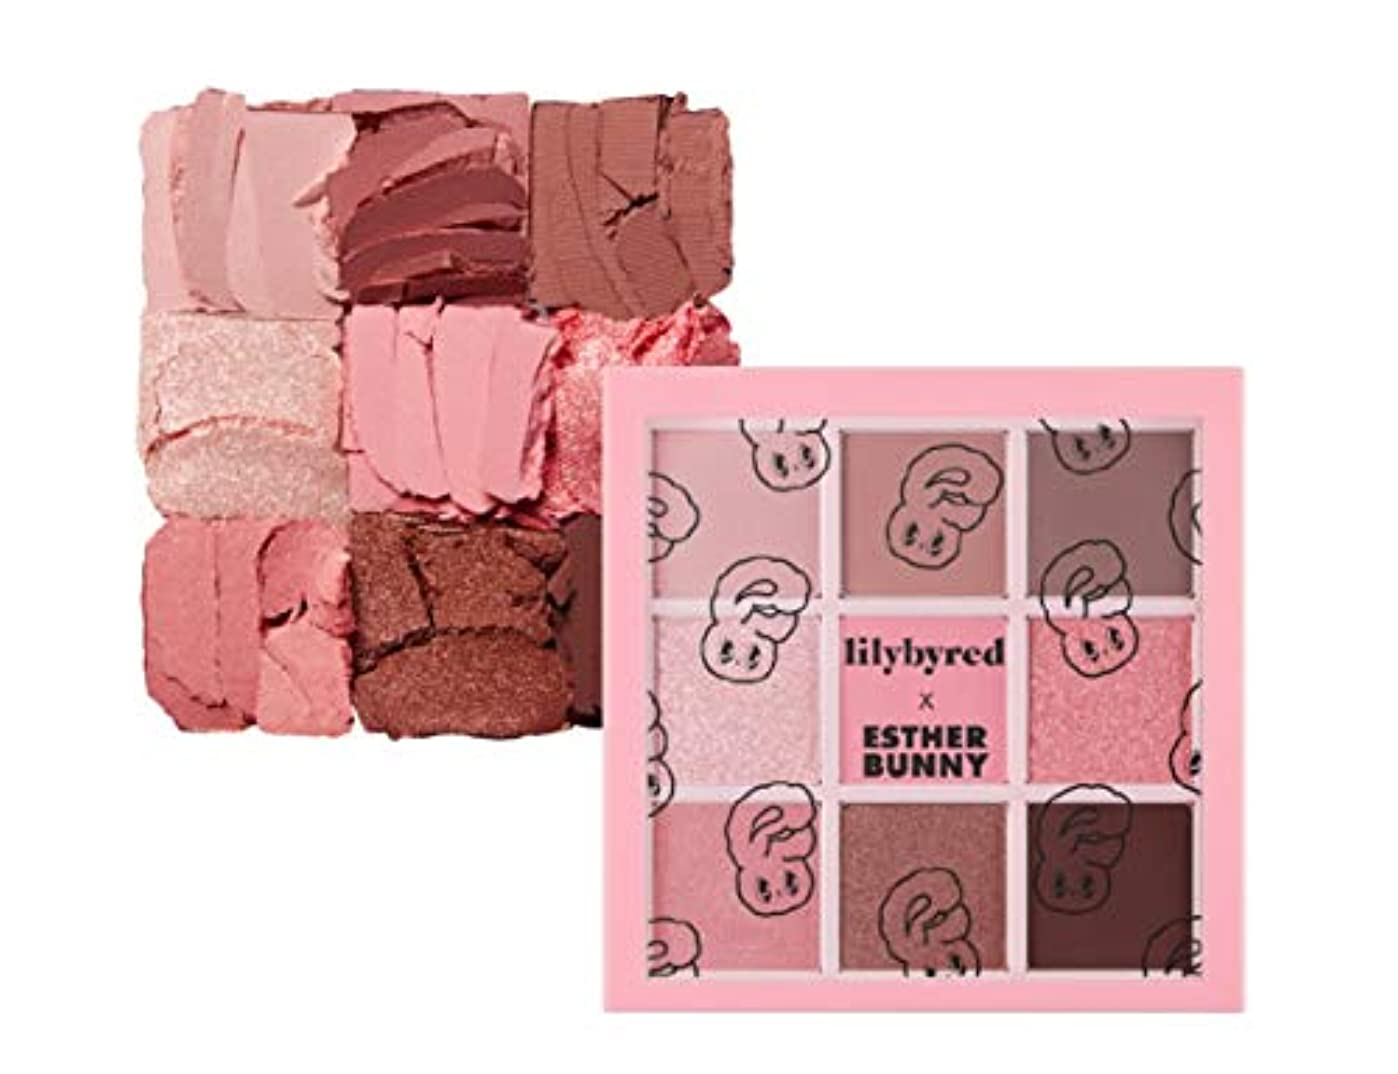 地上で豪華な靄LILYBYRED Mood Cheat Kit Eyeshadow Palette Pink Sweets告発色、高密着、告知の中独歩的な高クオリティアイシャドウパレット9color(並行輸入品)